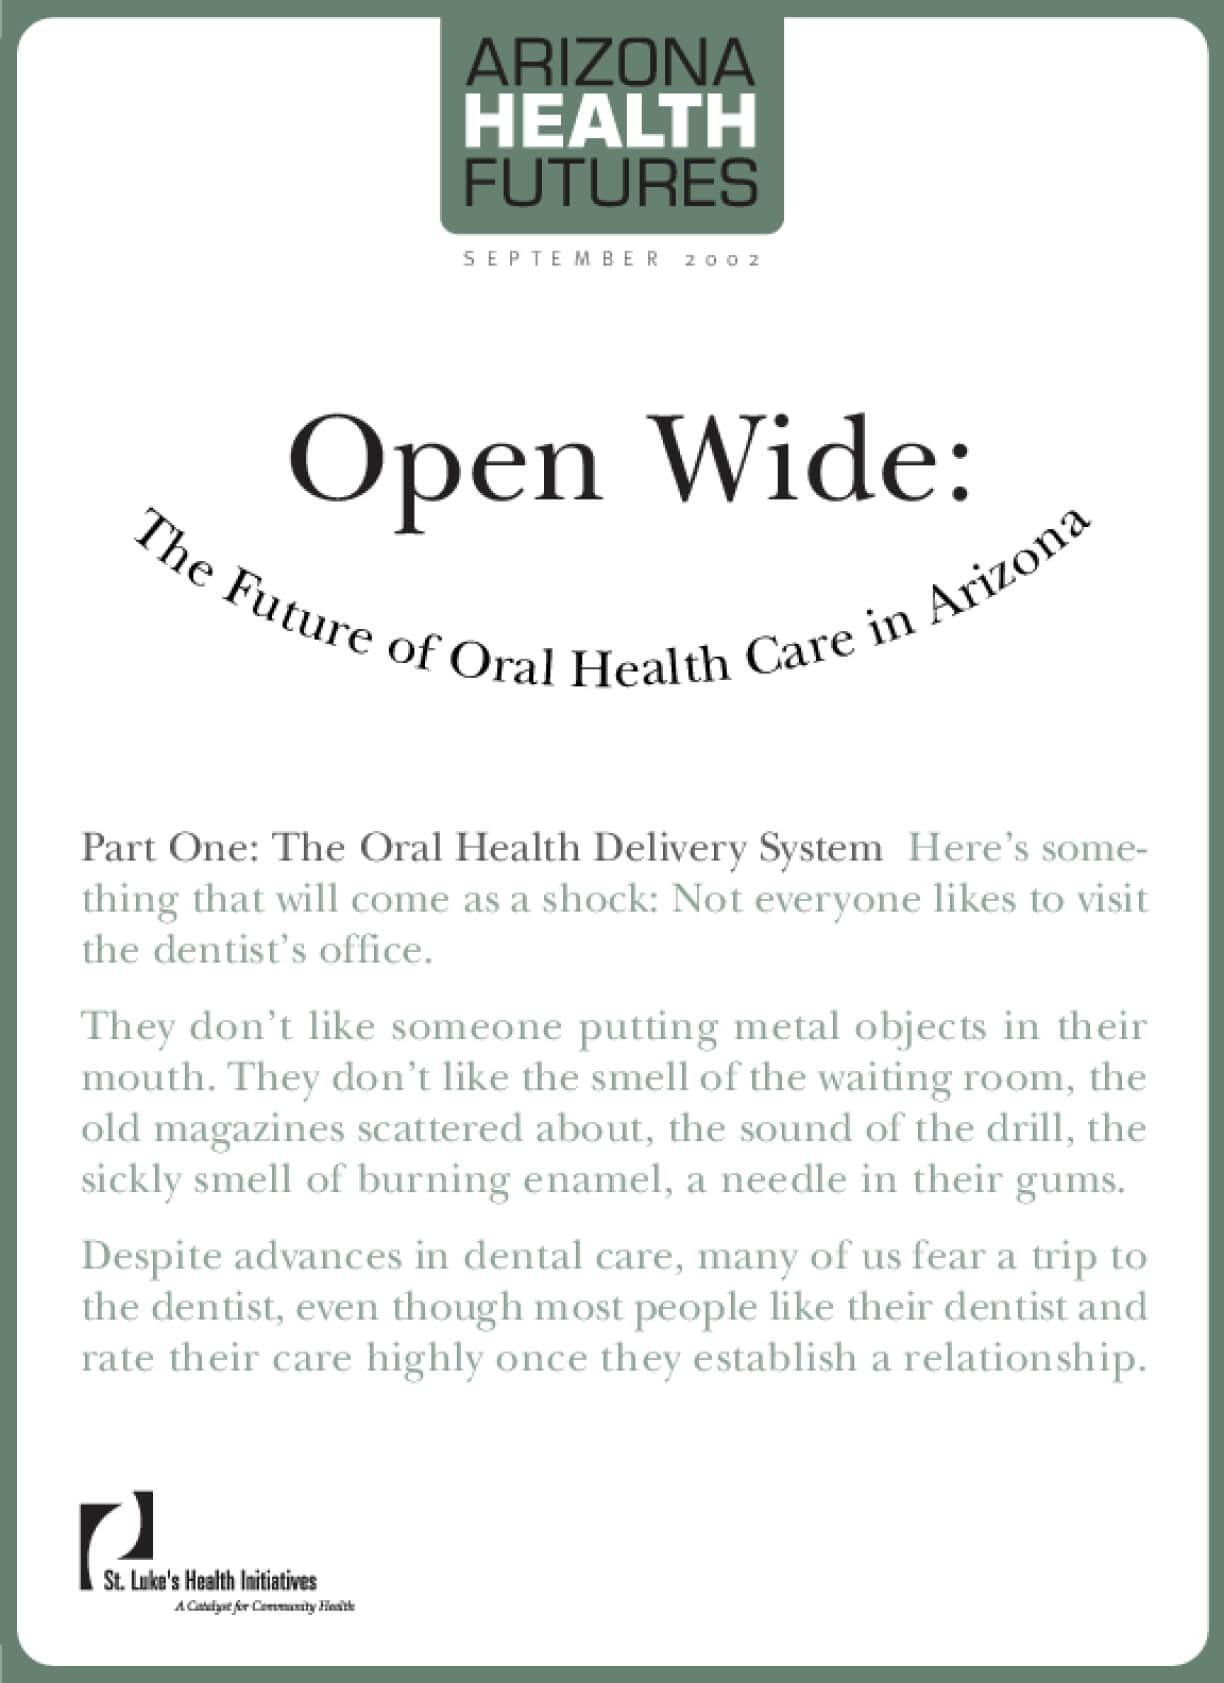 Open Wide: The Future of Oral Health Care in Arizona